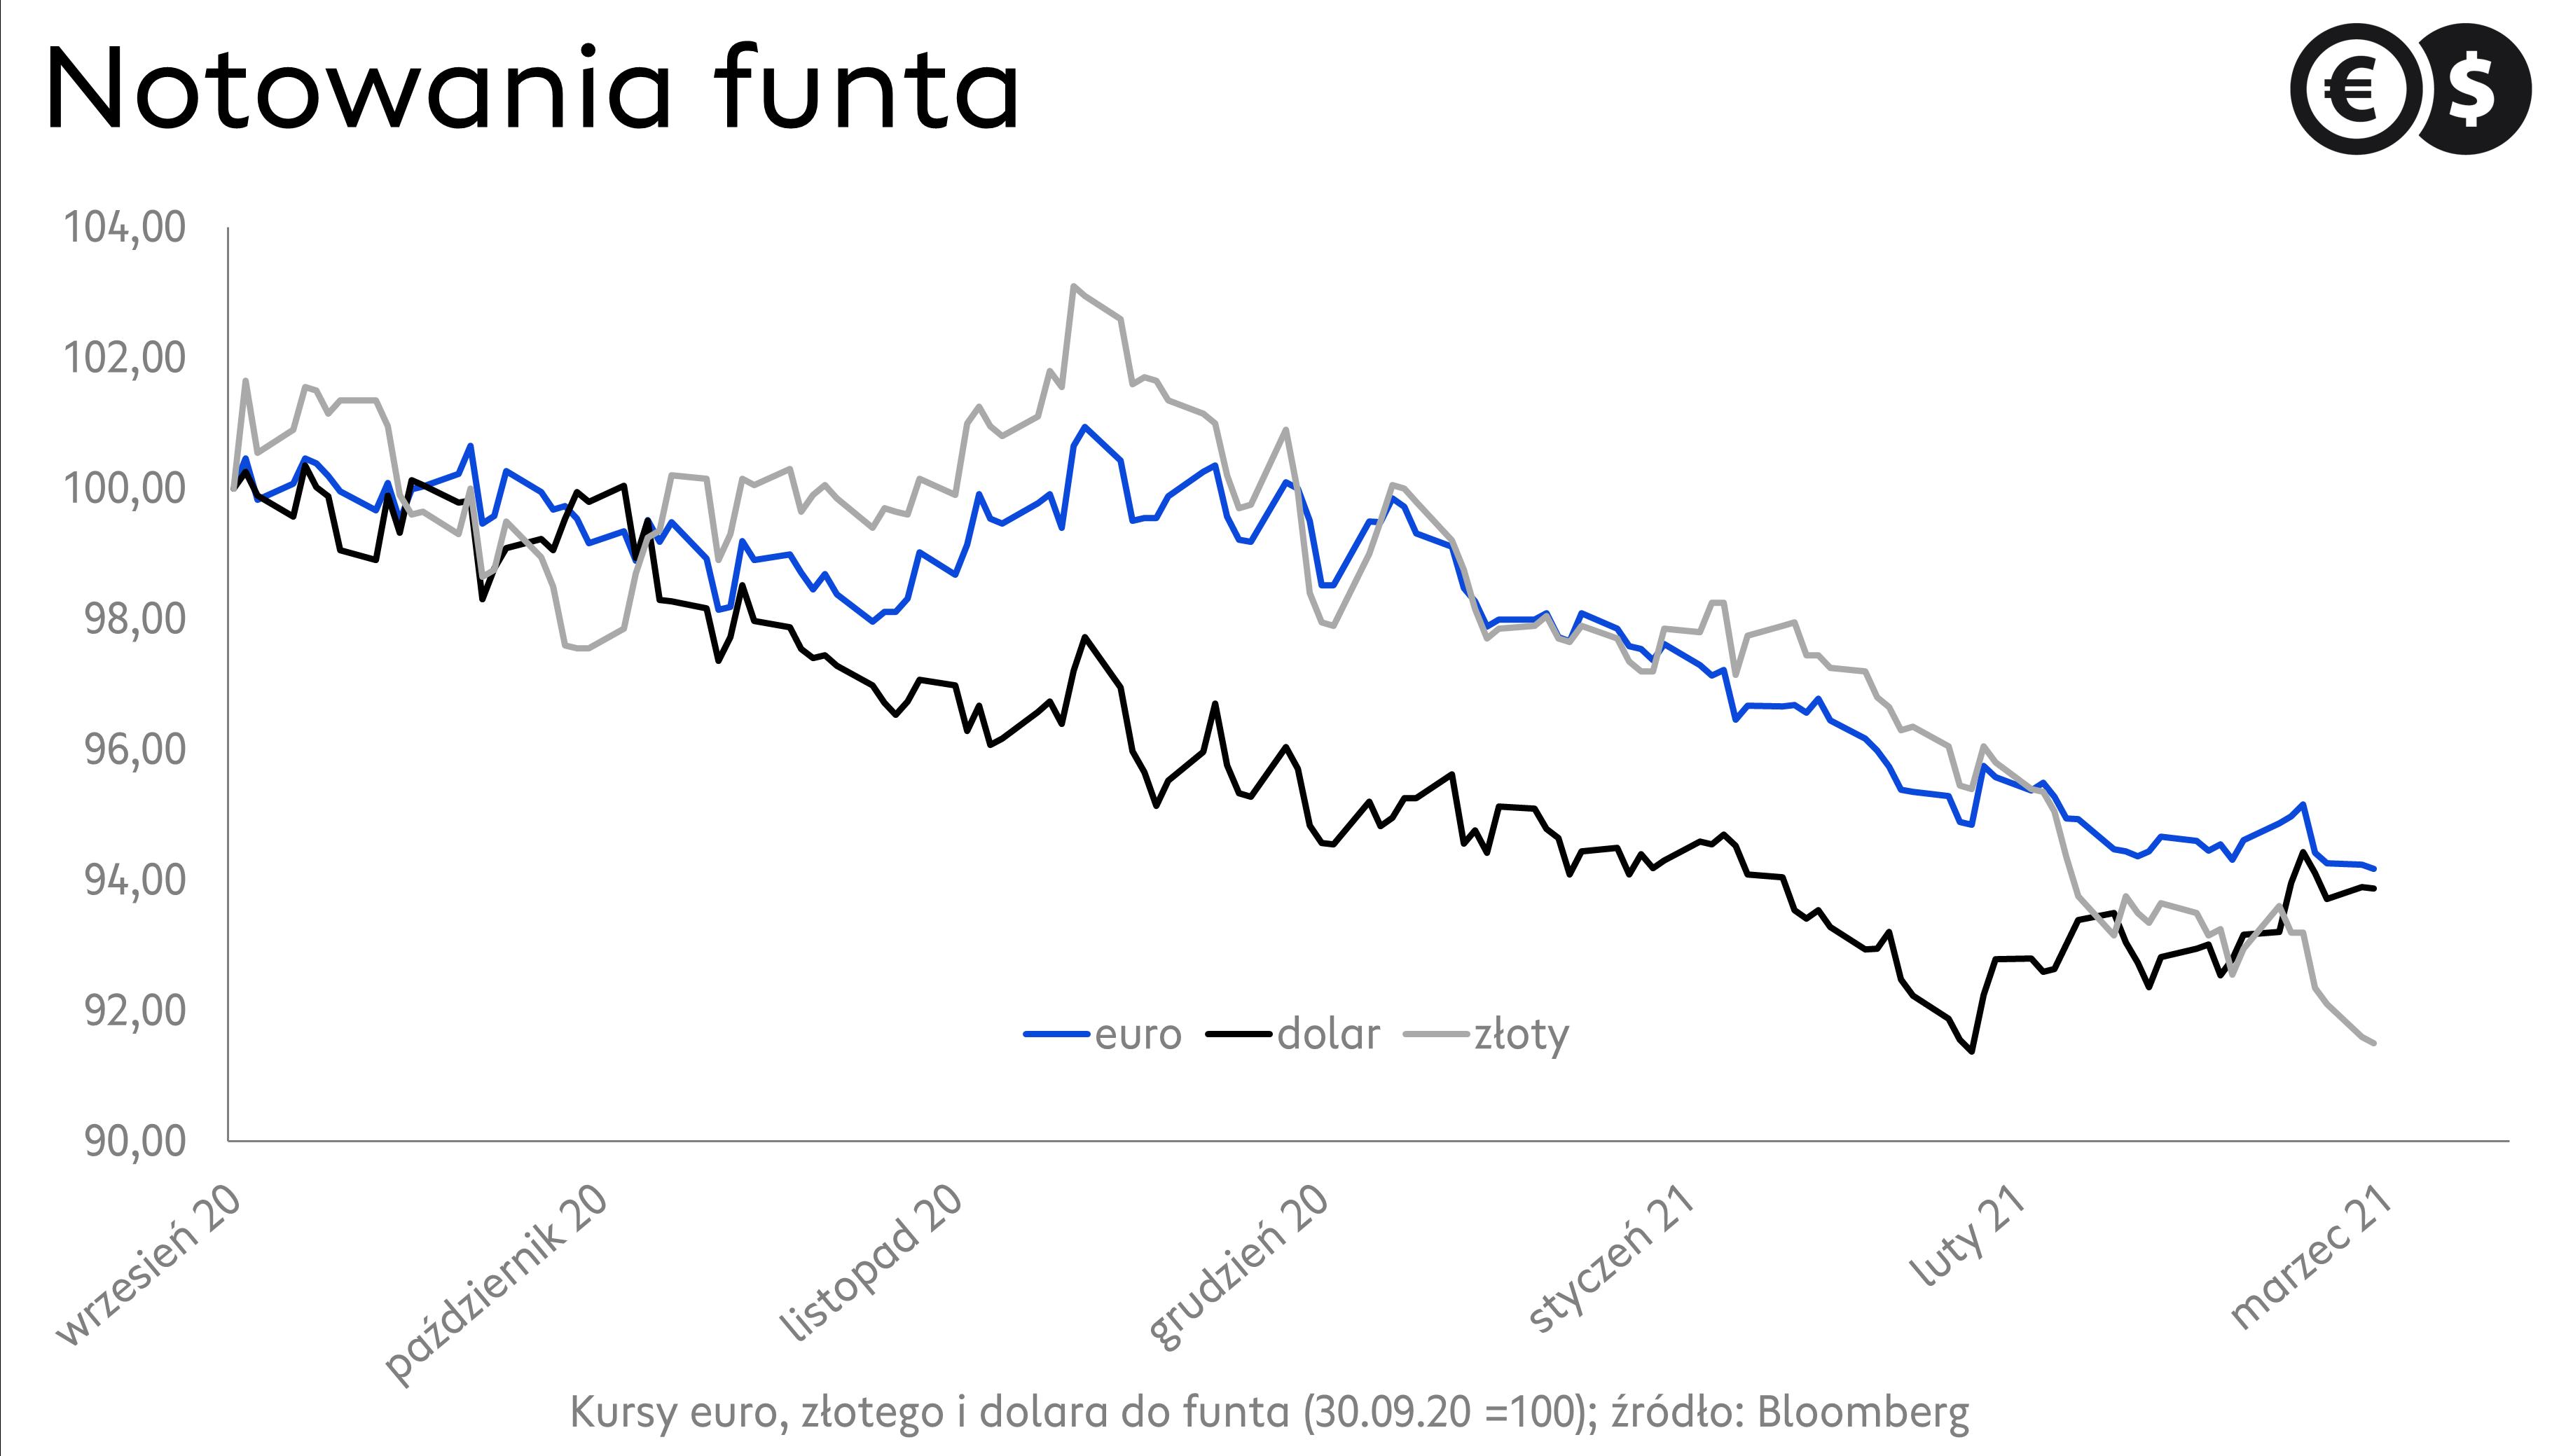 Kursy walut. Notowania EUR/GBP, GBP/USD i GBP/PLN